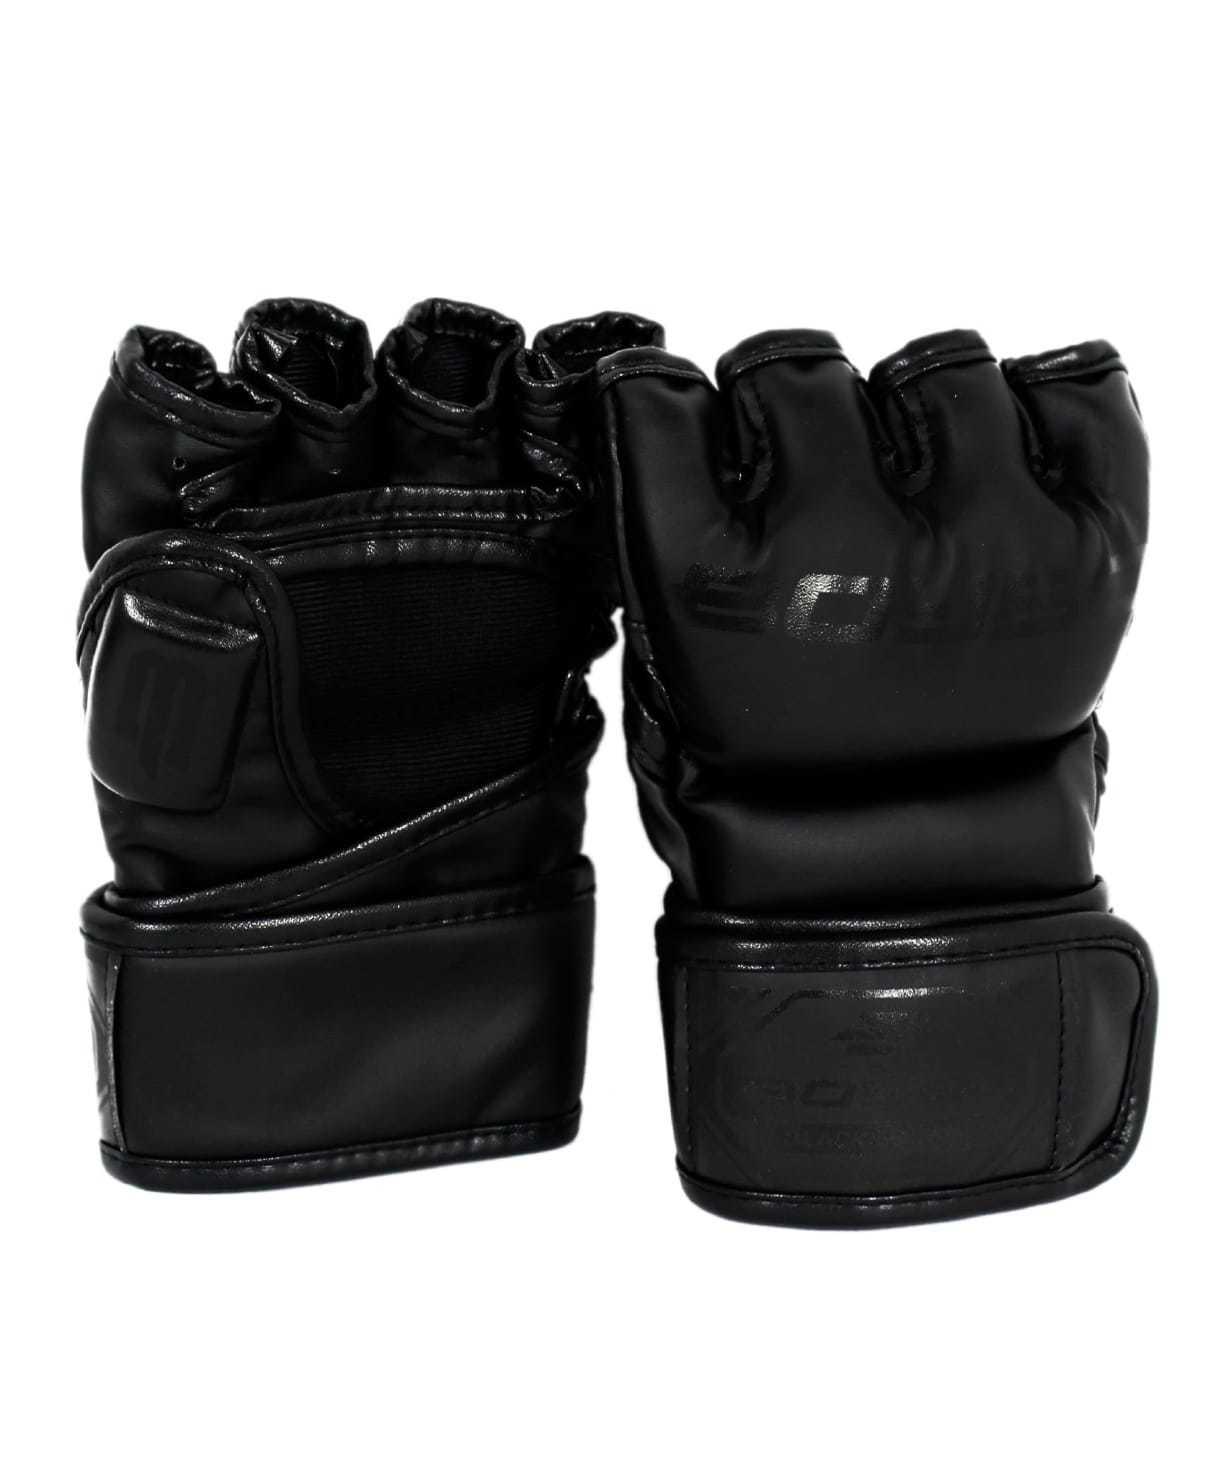 ММА перчатки Перчатки для MMA Black Edition BoyBo 05f9b4c63f19ef5ef95193175ea5a20b.jpg